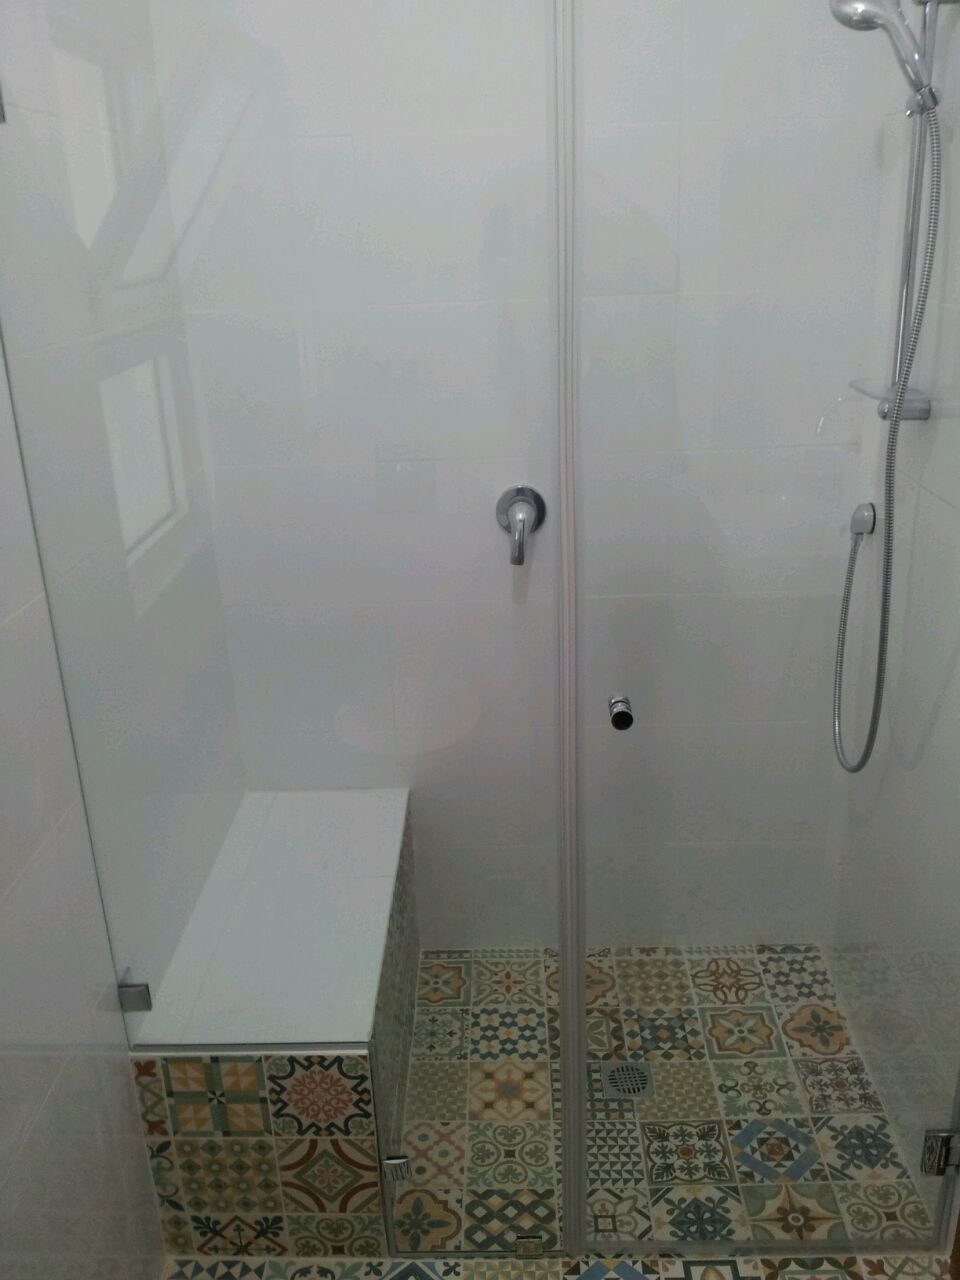 עיצוב תכנון וביצוע חדרי אמבט